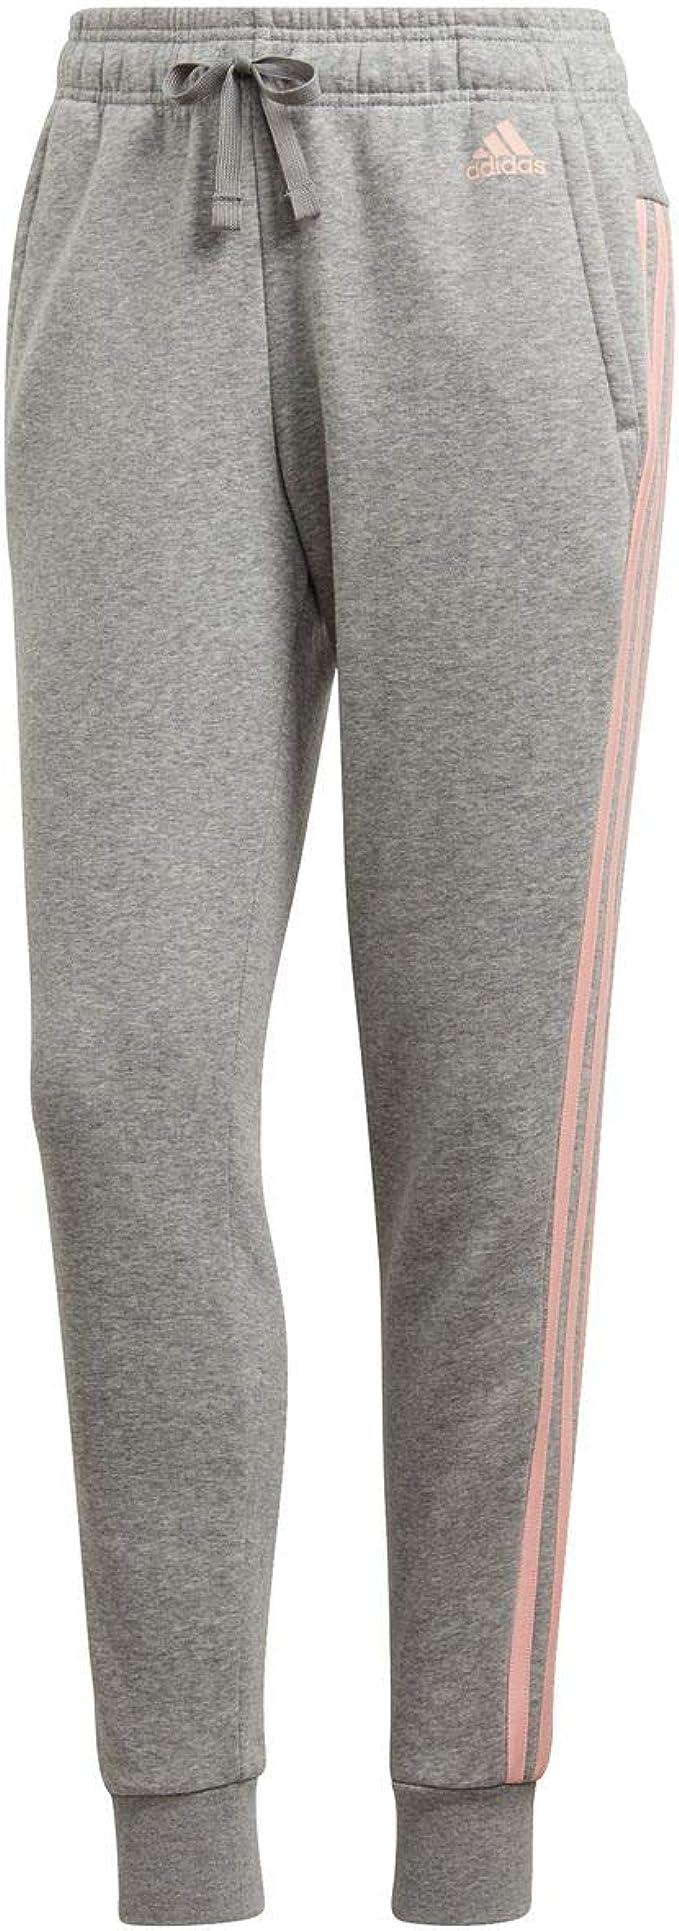 adidas Damen Hose Essentials 3 Stripes Tapered